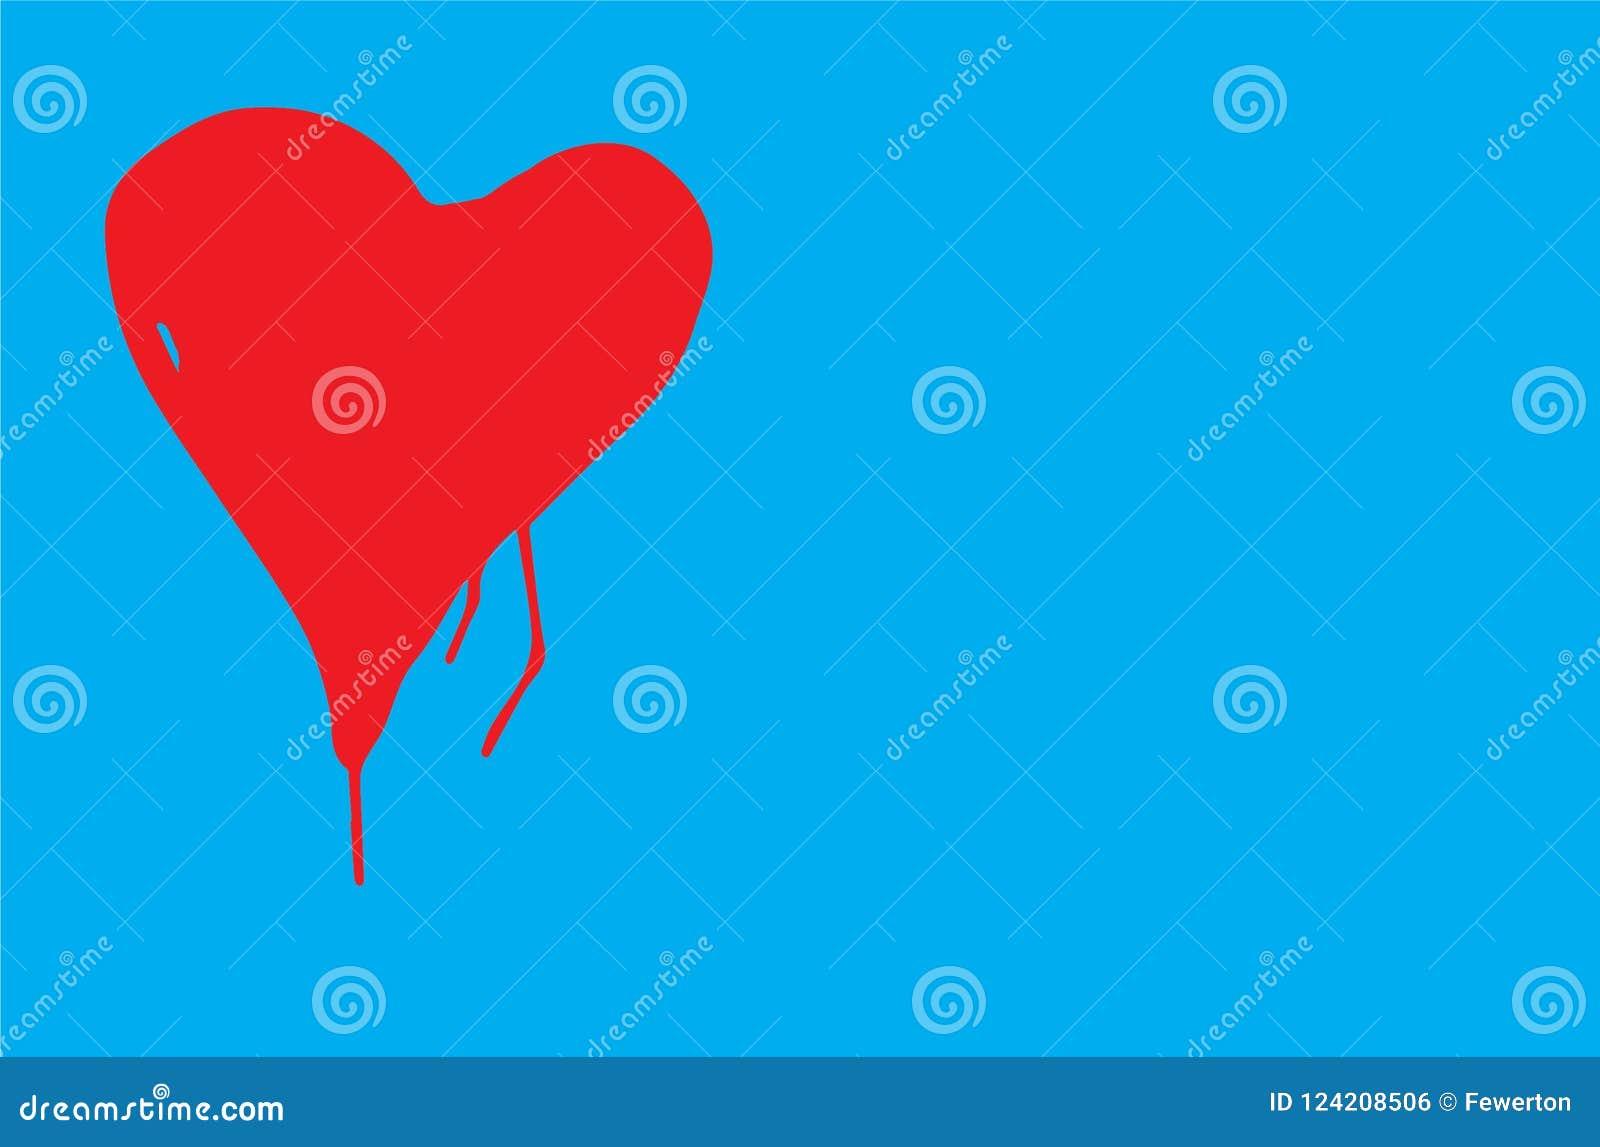 Czerwonego colour serce z niedokonanym kształtem i farbą kapie w błękitnej tło wektoru ilustraci